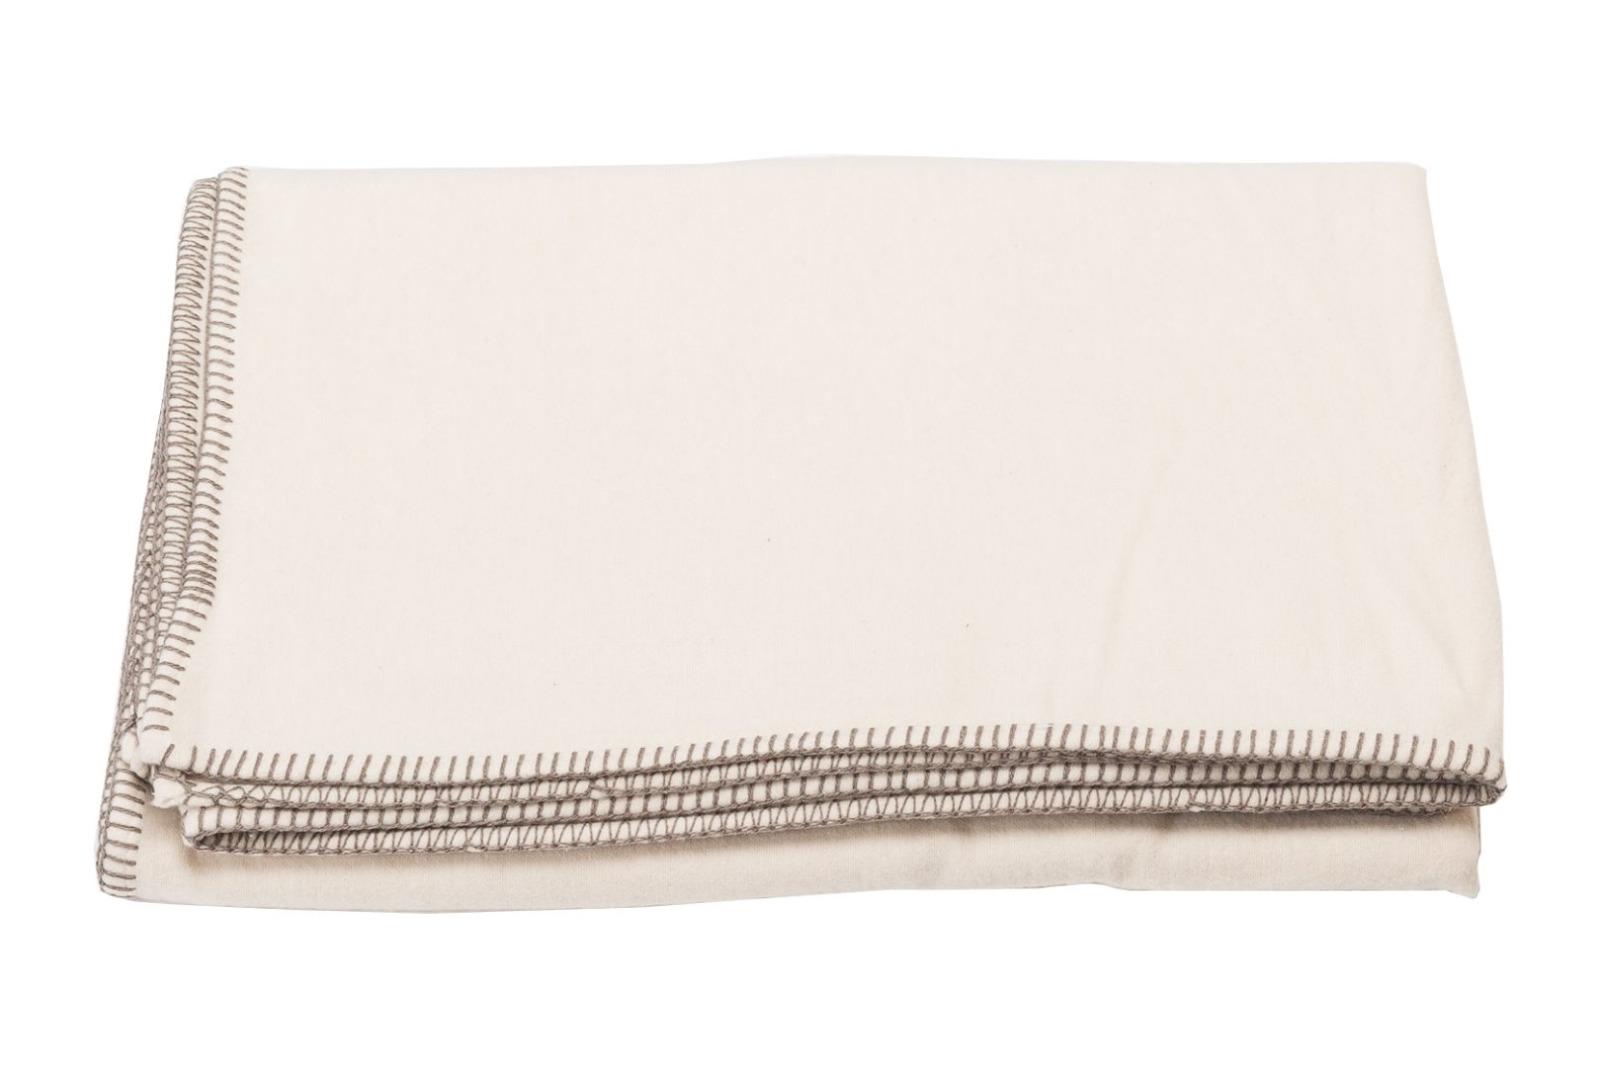 Baumwolldecke SYLT / rohweiß mit Zierstich